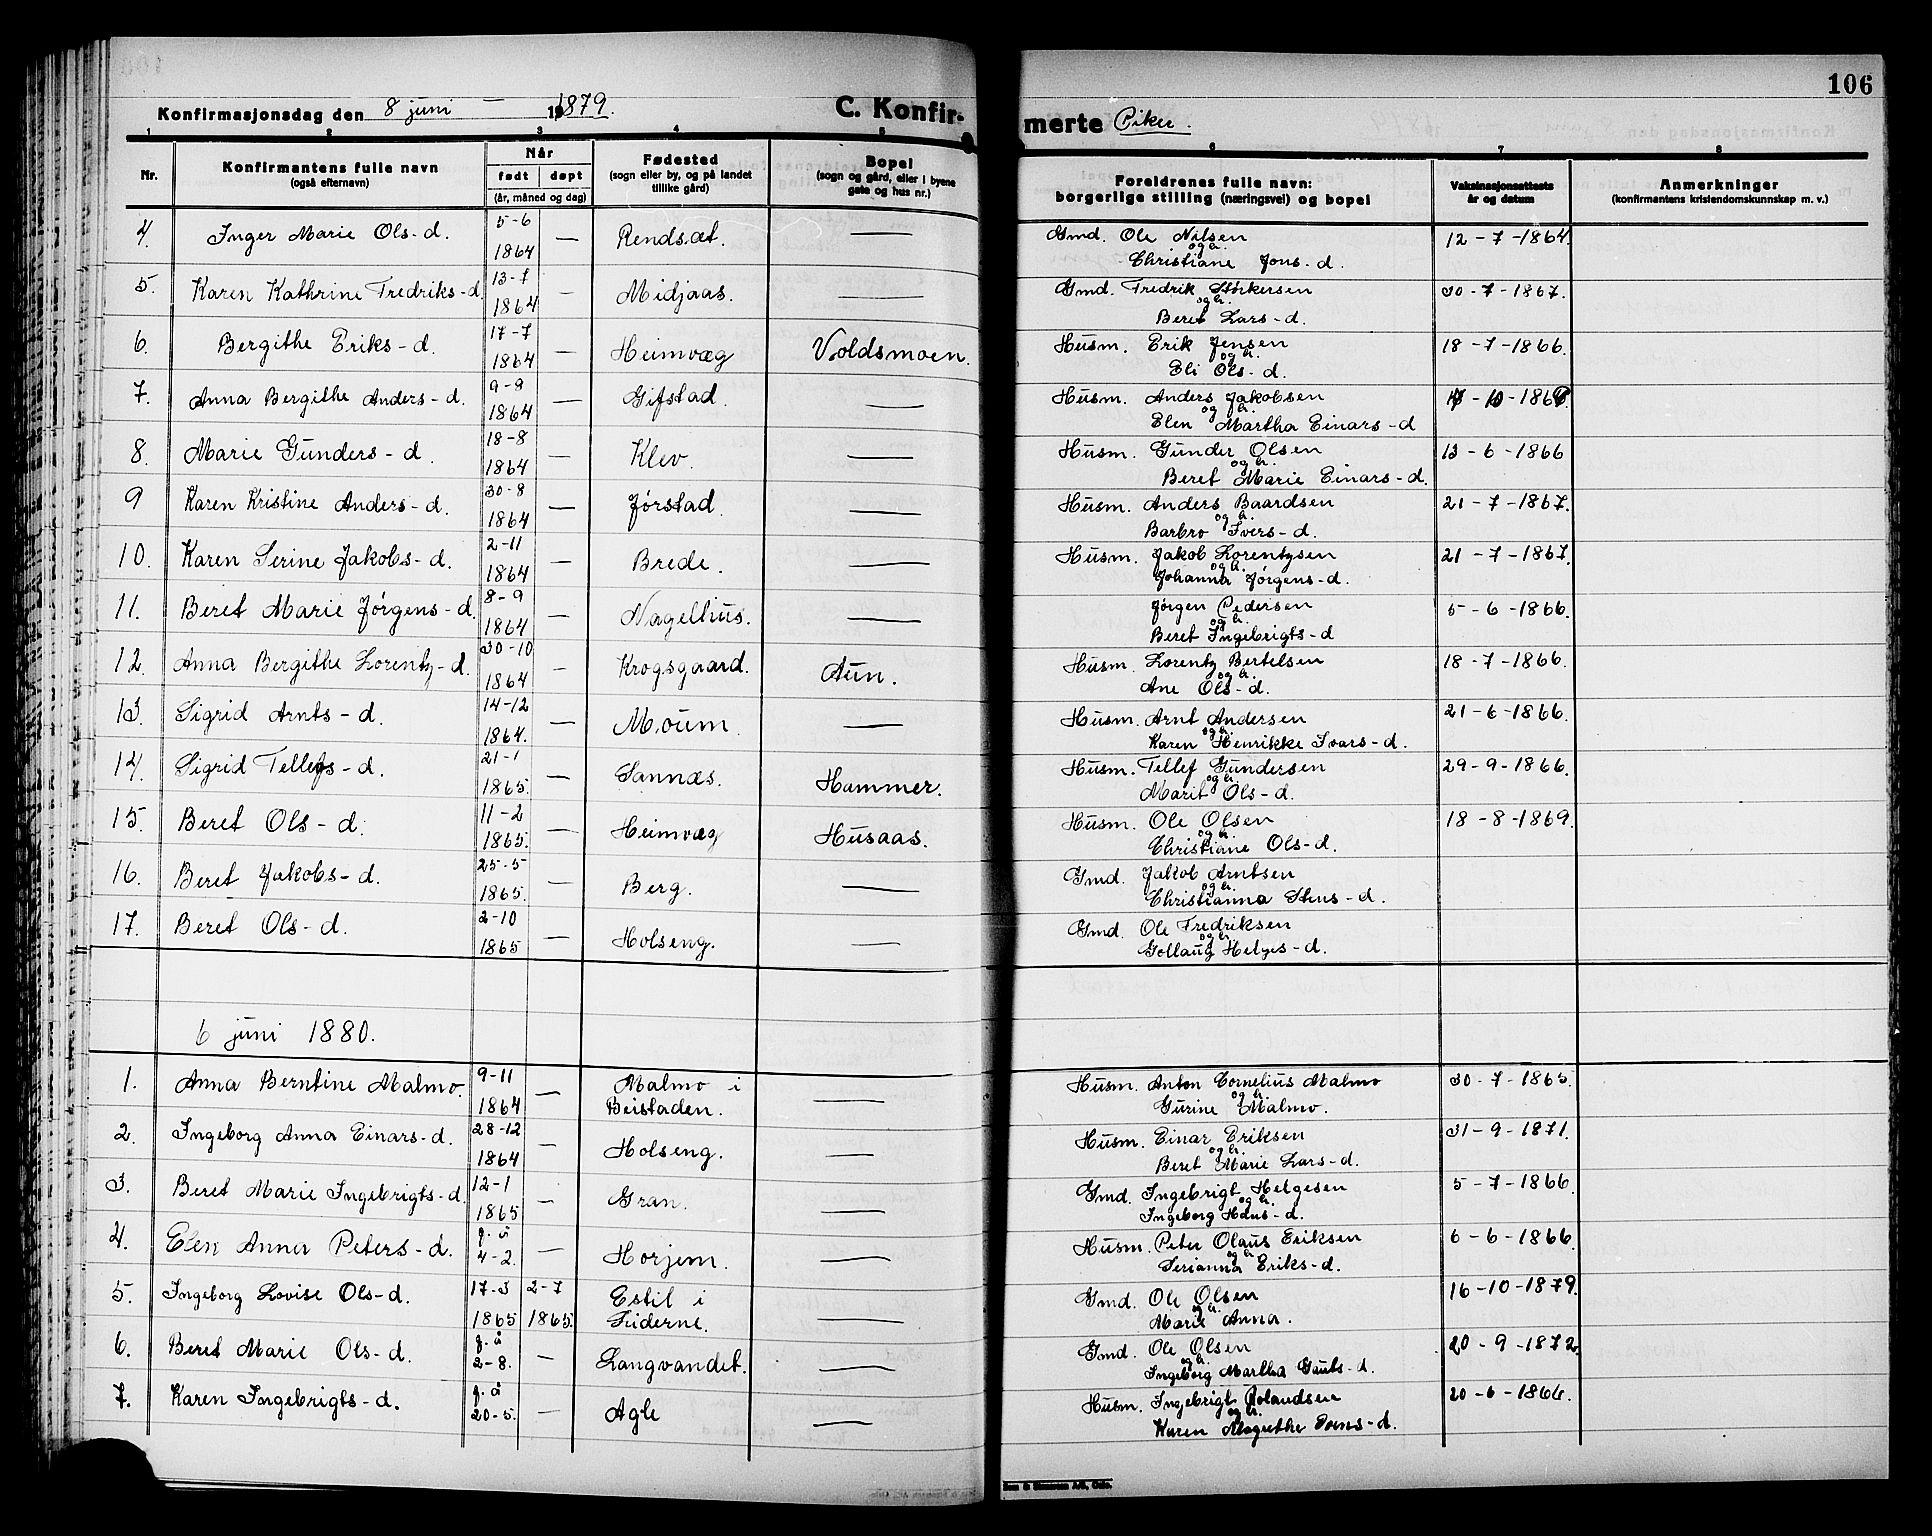 SAT, Ministerialprotokoller, klokkerbøker og fødselsregistre - Nord-Trøndelag, 749/L0486: Ministerialbok nr. 749D02, 1873-1887, s. 106